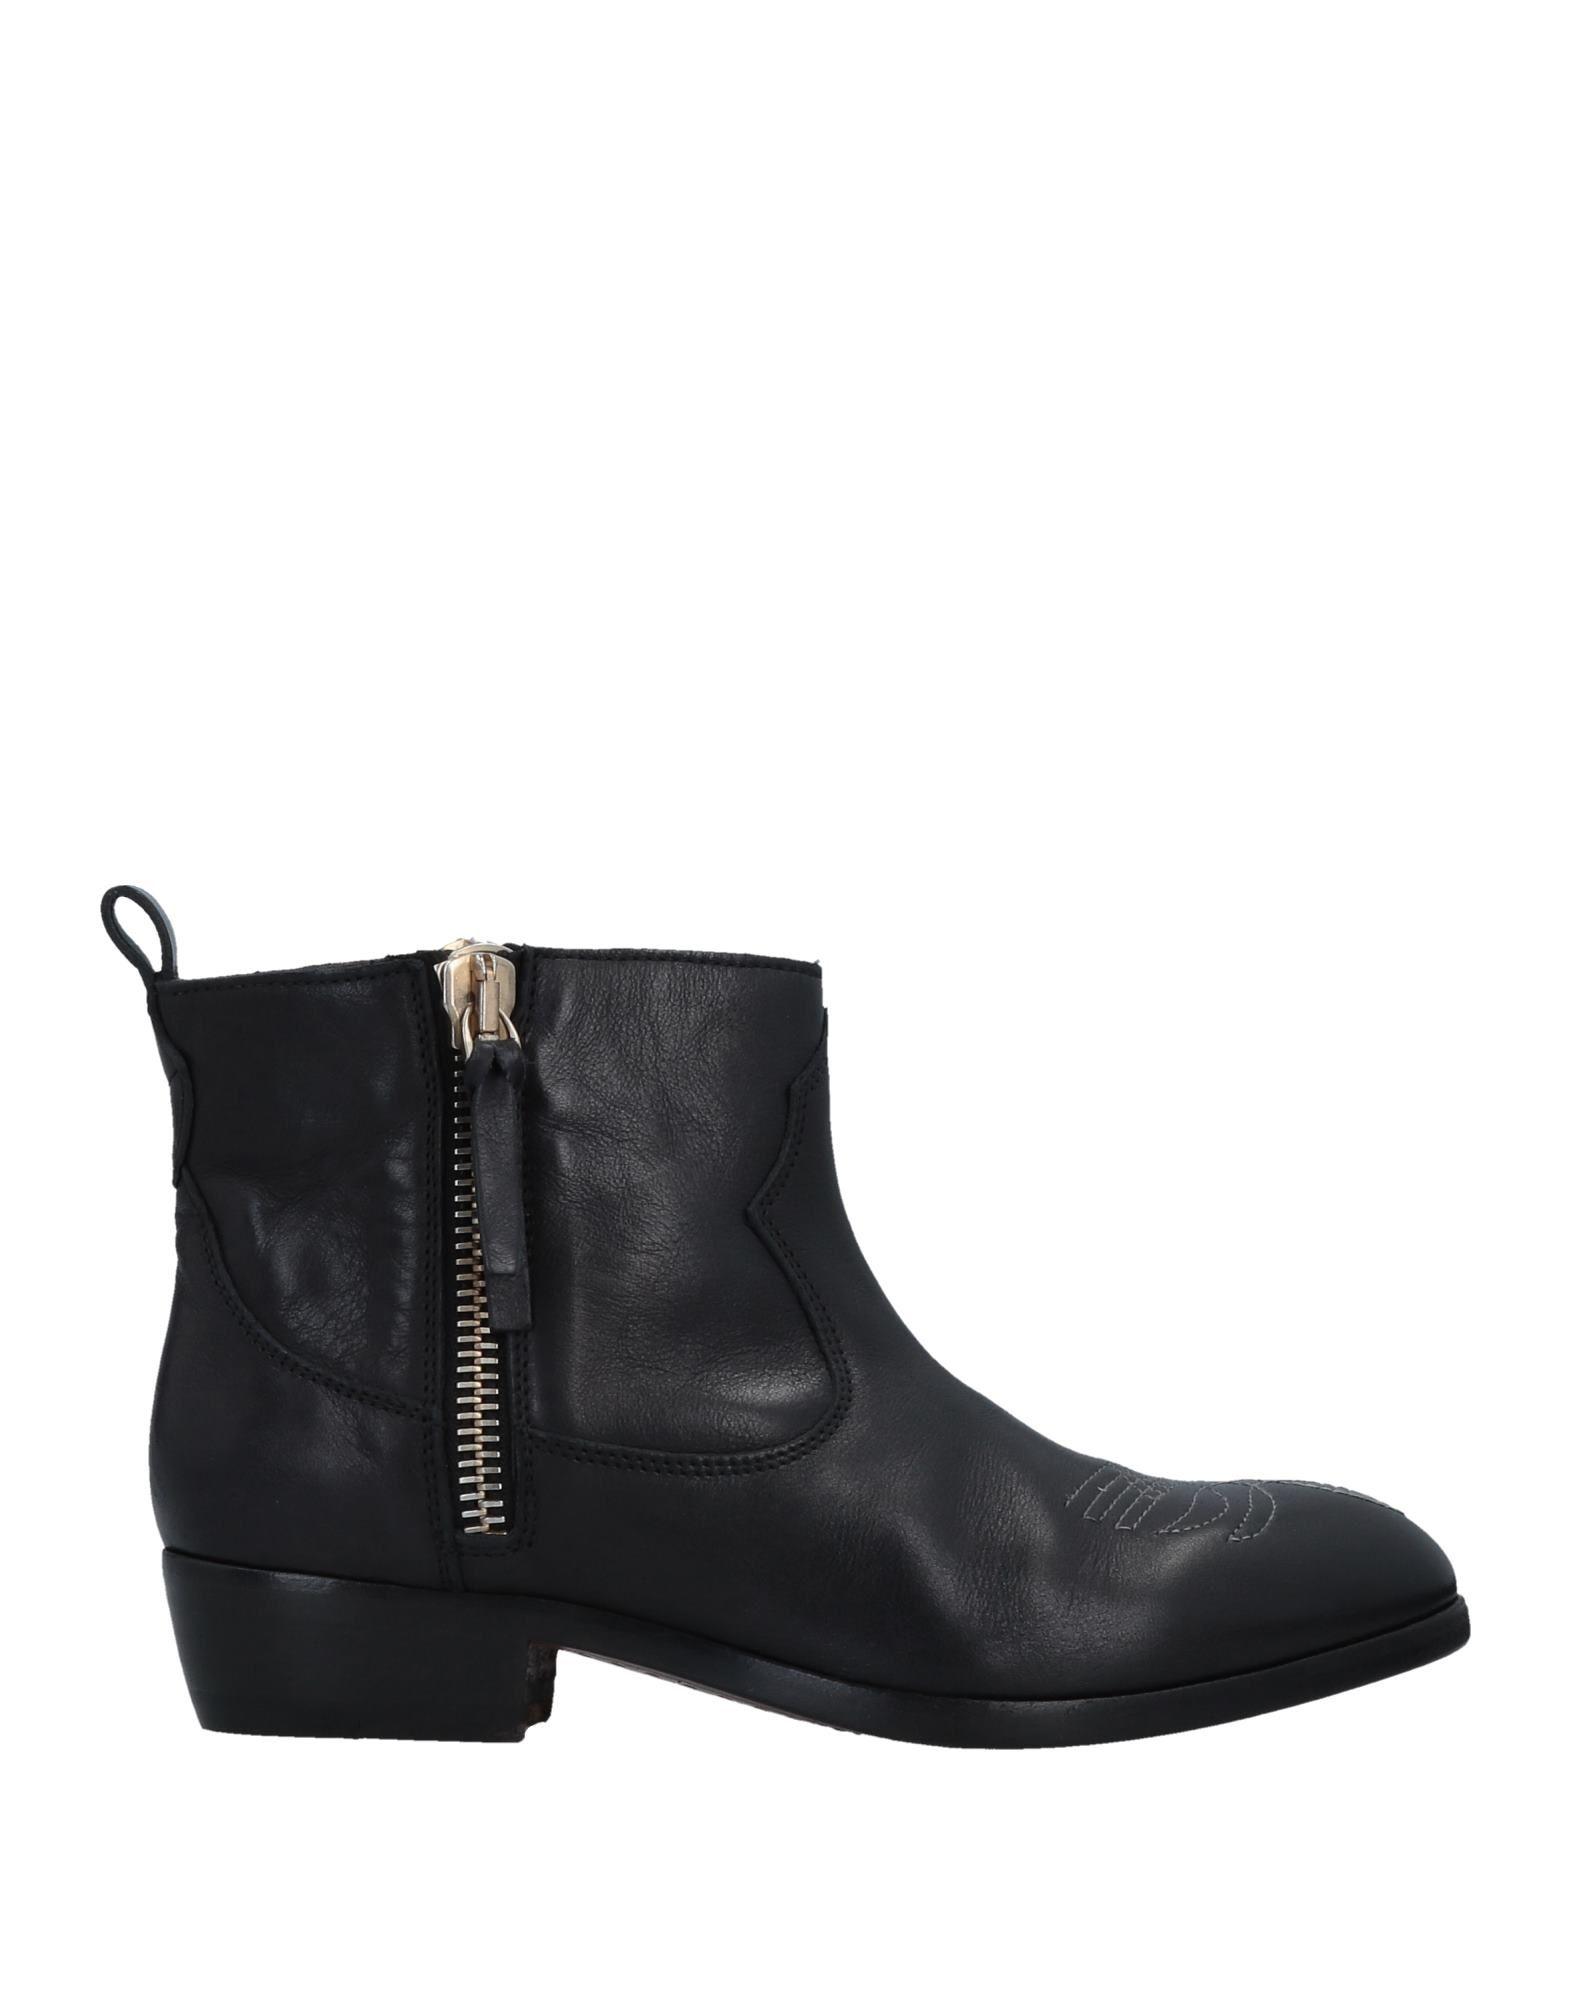 Golden Goose Deluxe Brand Stiefelette Damen  11509859PWGünstige gut aussehende Schuhe